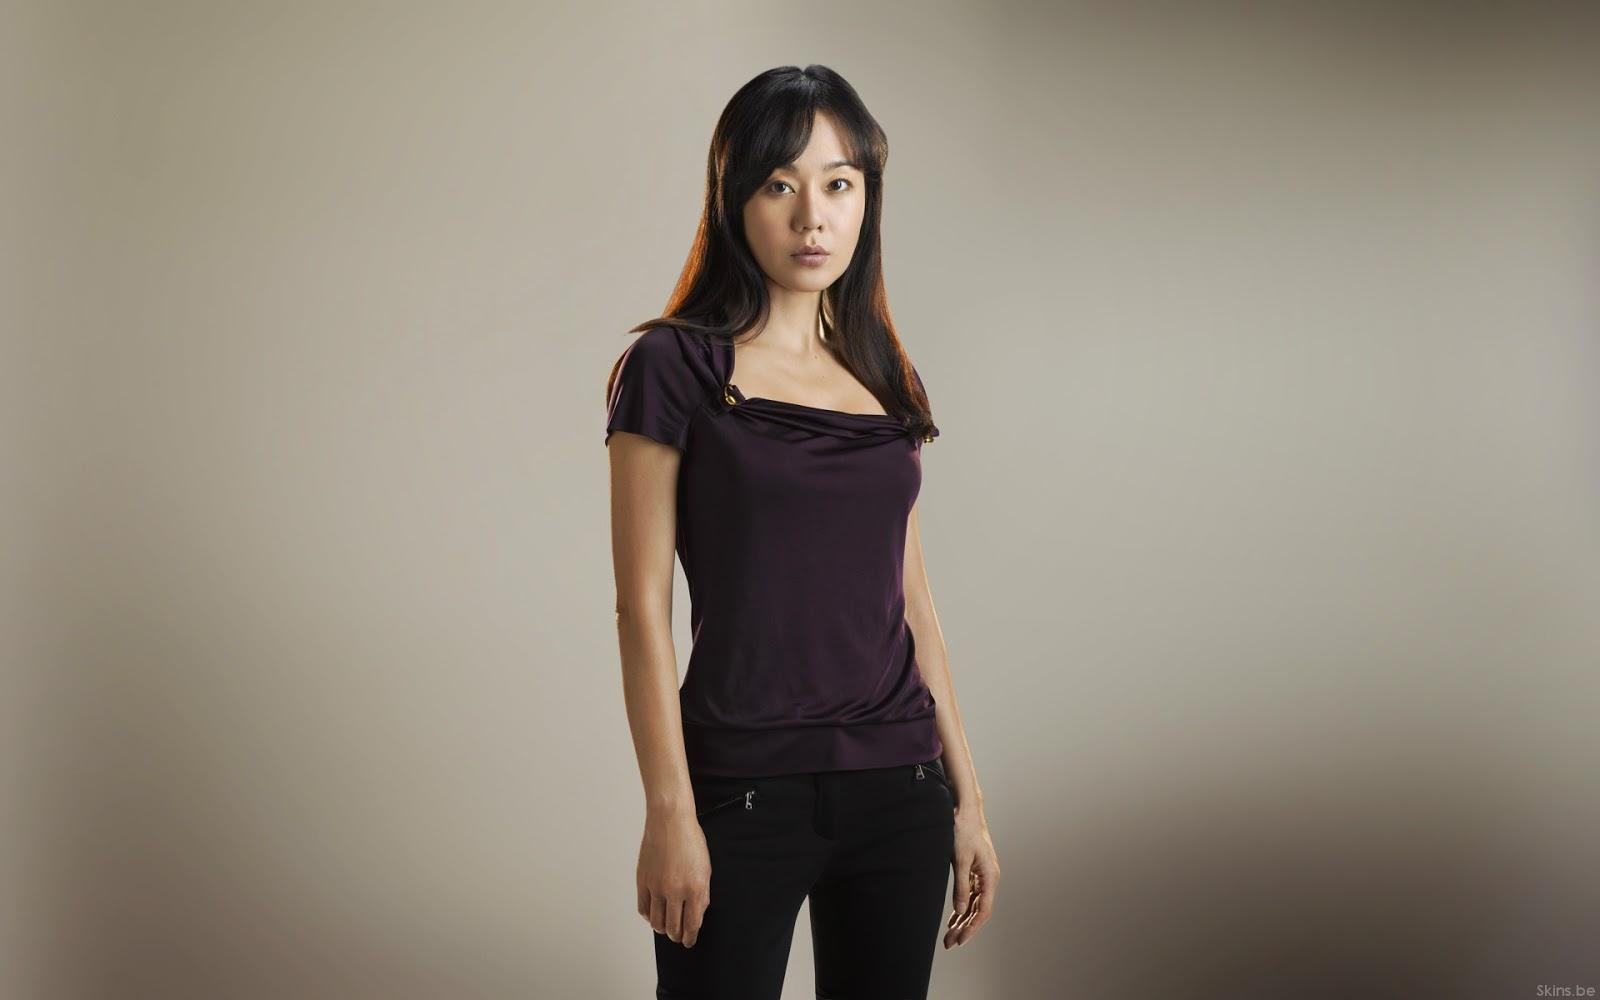 yunjin kim - Celeb Ima... Jennifer Aniston